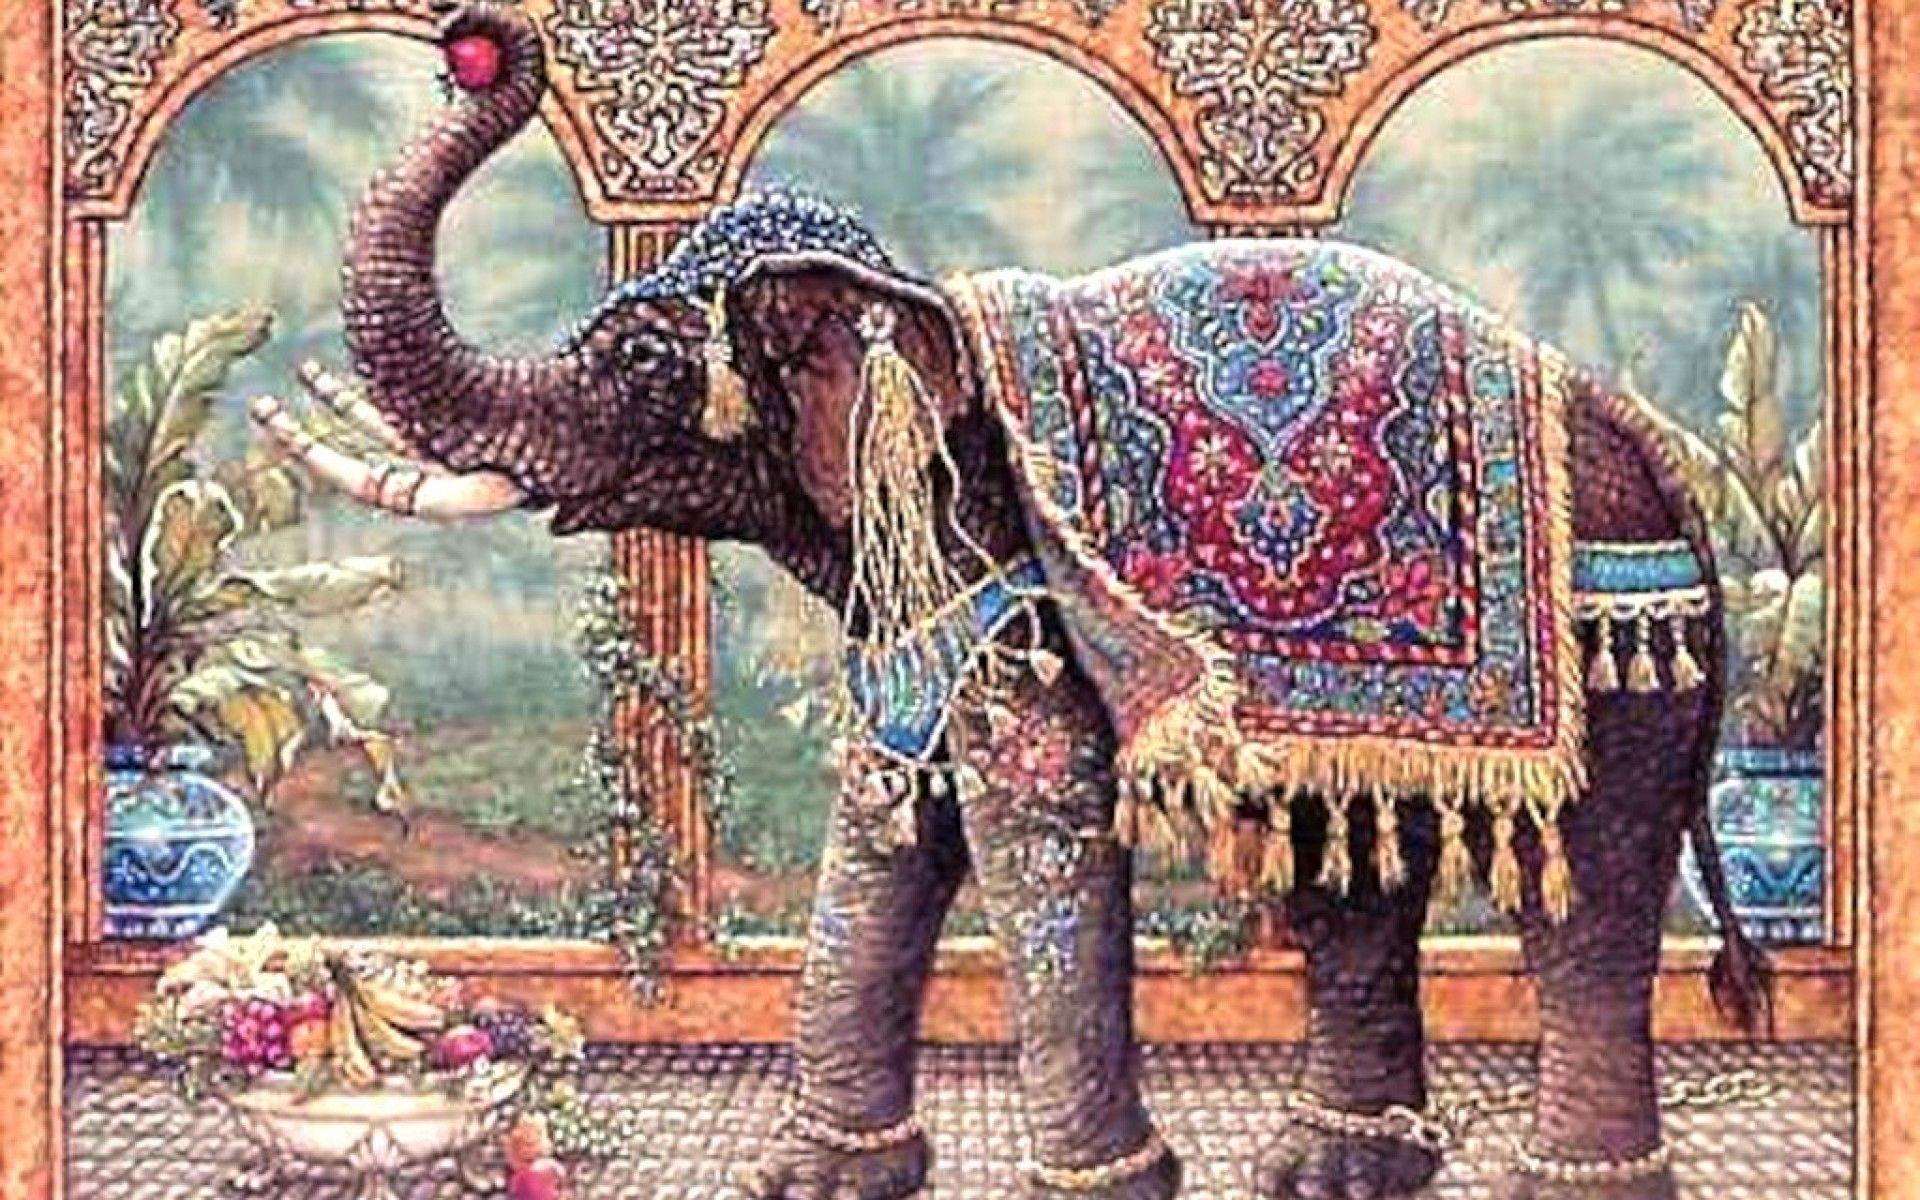 Mandala Elephant Wallpapers Top Free Mandala Elephant